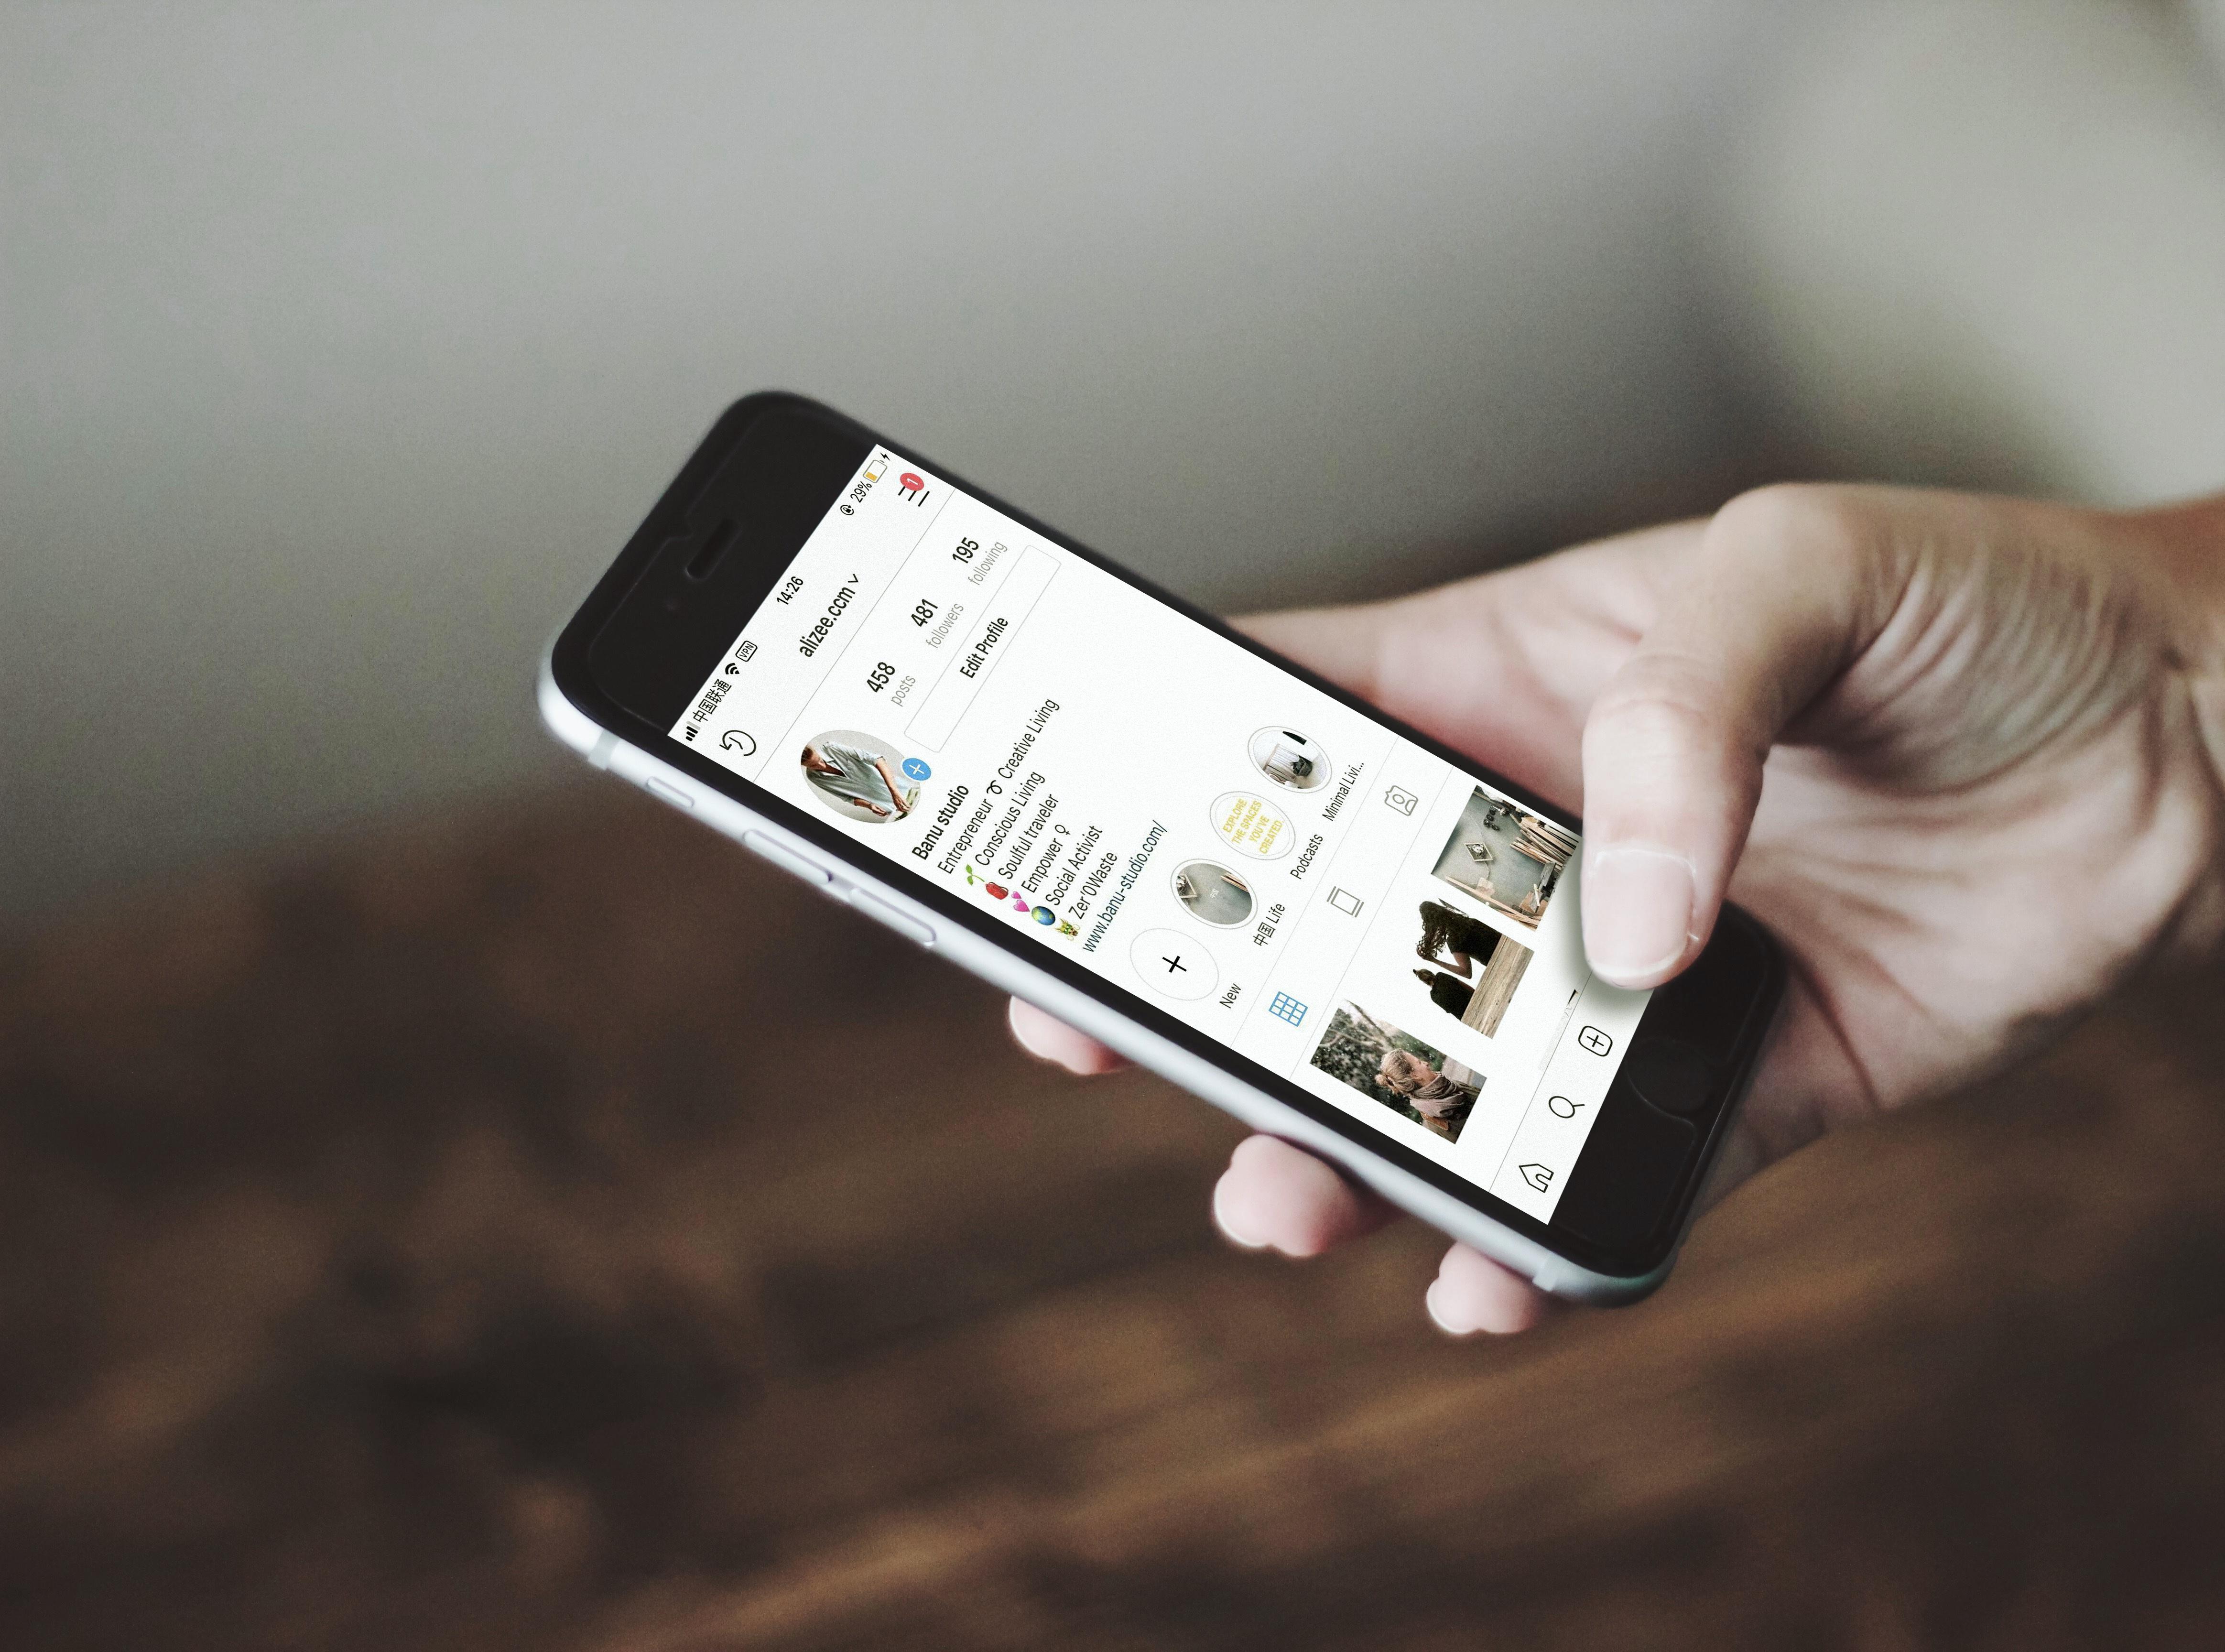 Atelier : Apprenez à utiliser le pouvoir des médias sociaux via Instagram (IG) par Alizée Buysschaert